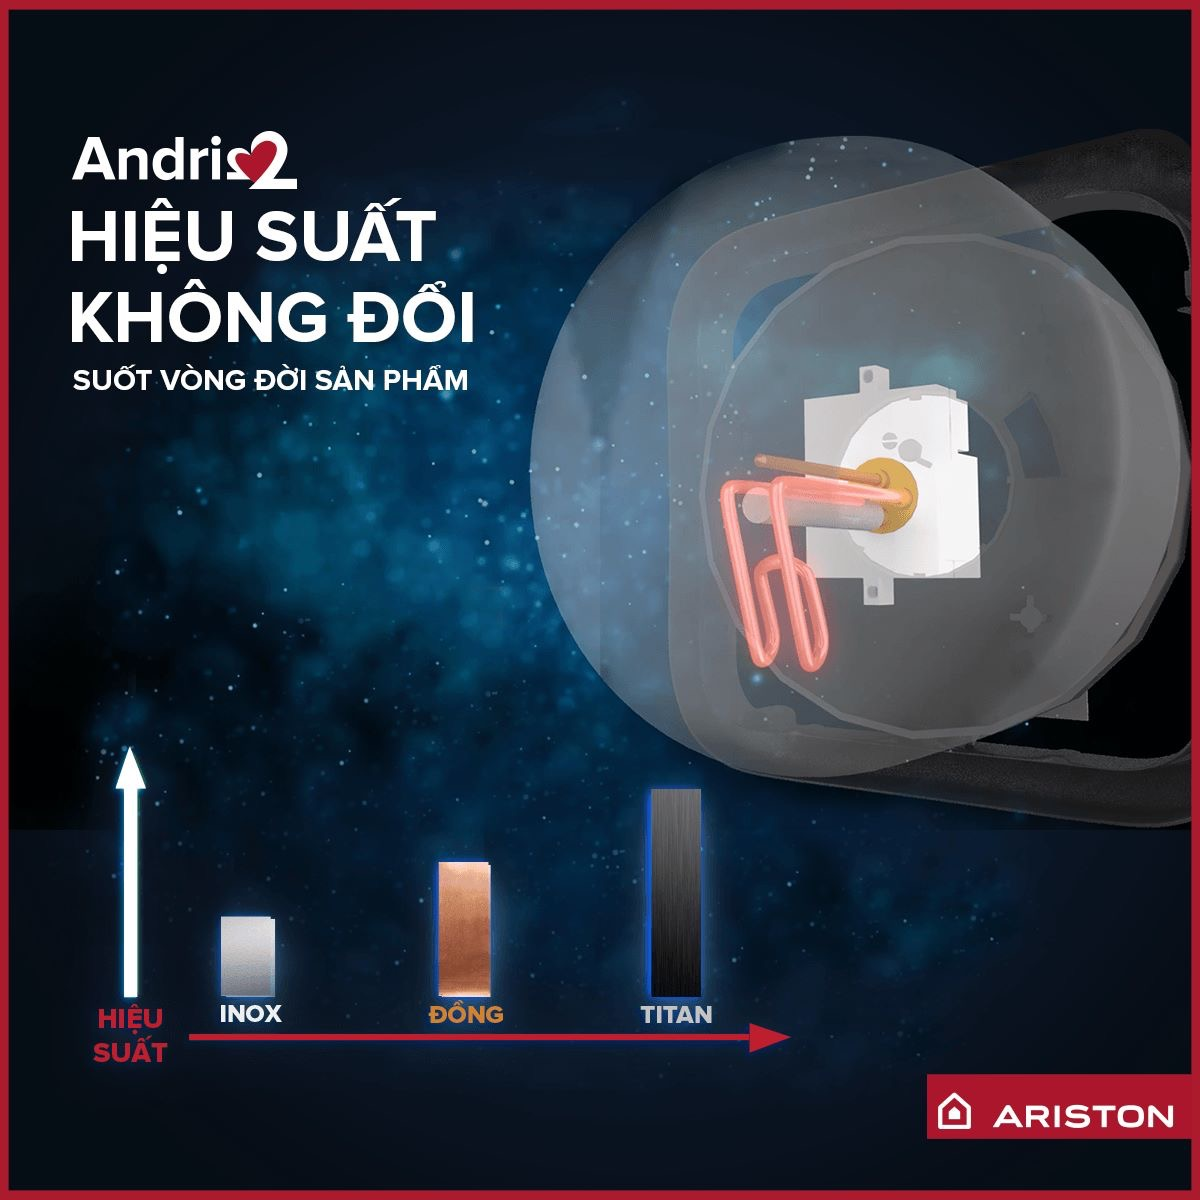 Bình nước nóng Ariston ANDRIS2 R 15L 2